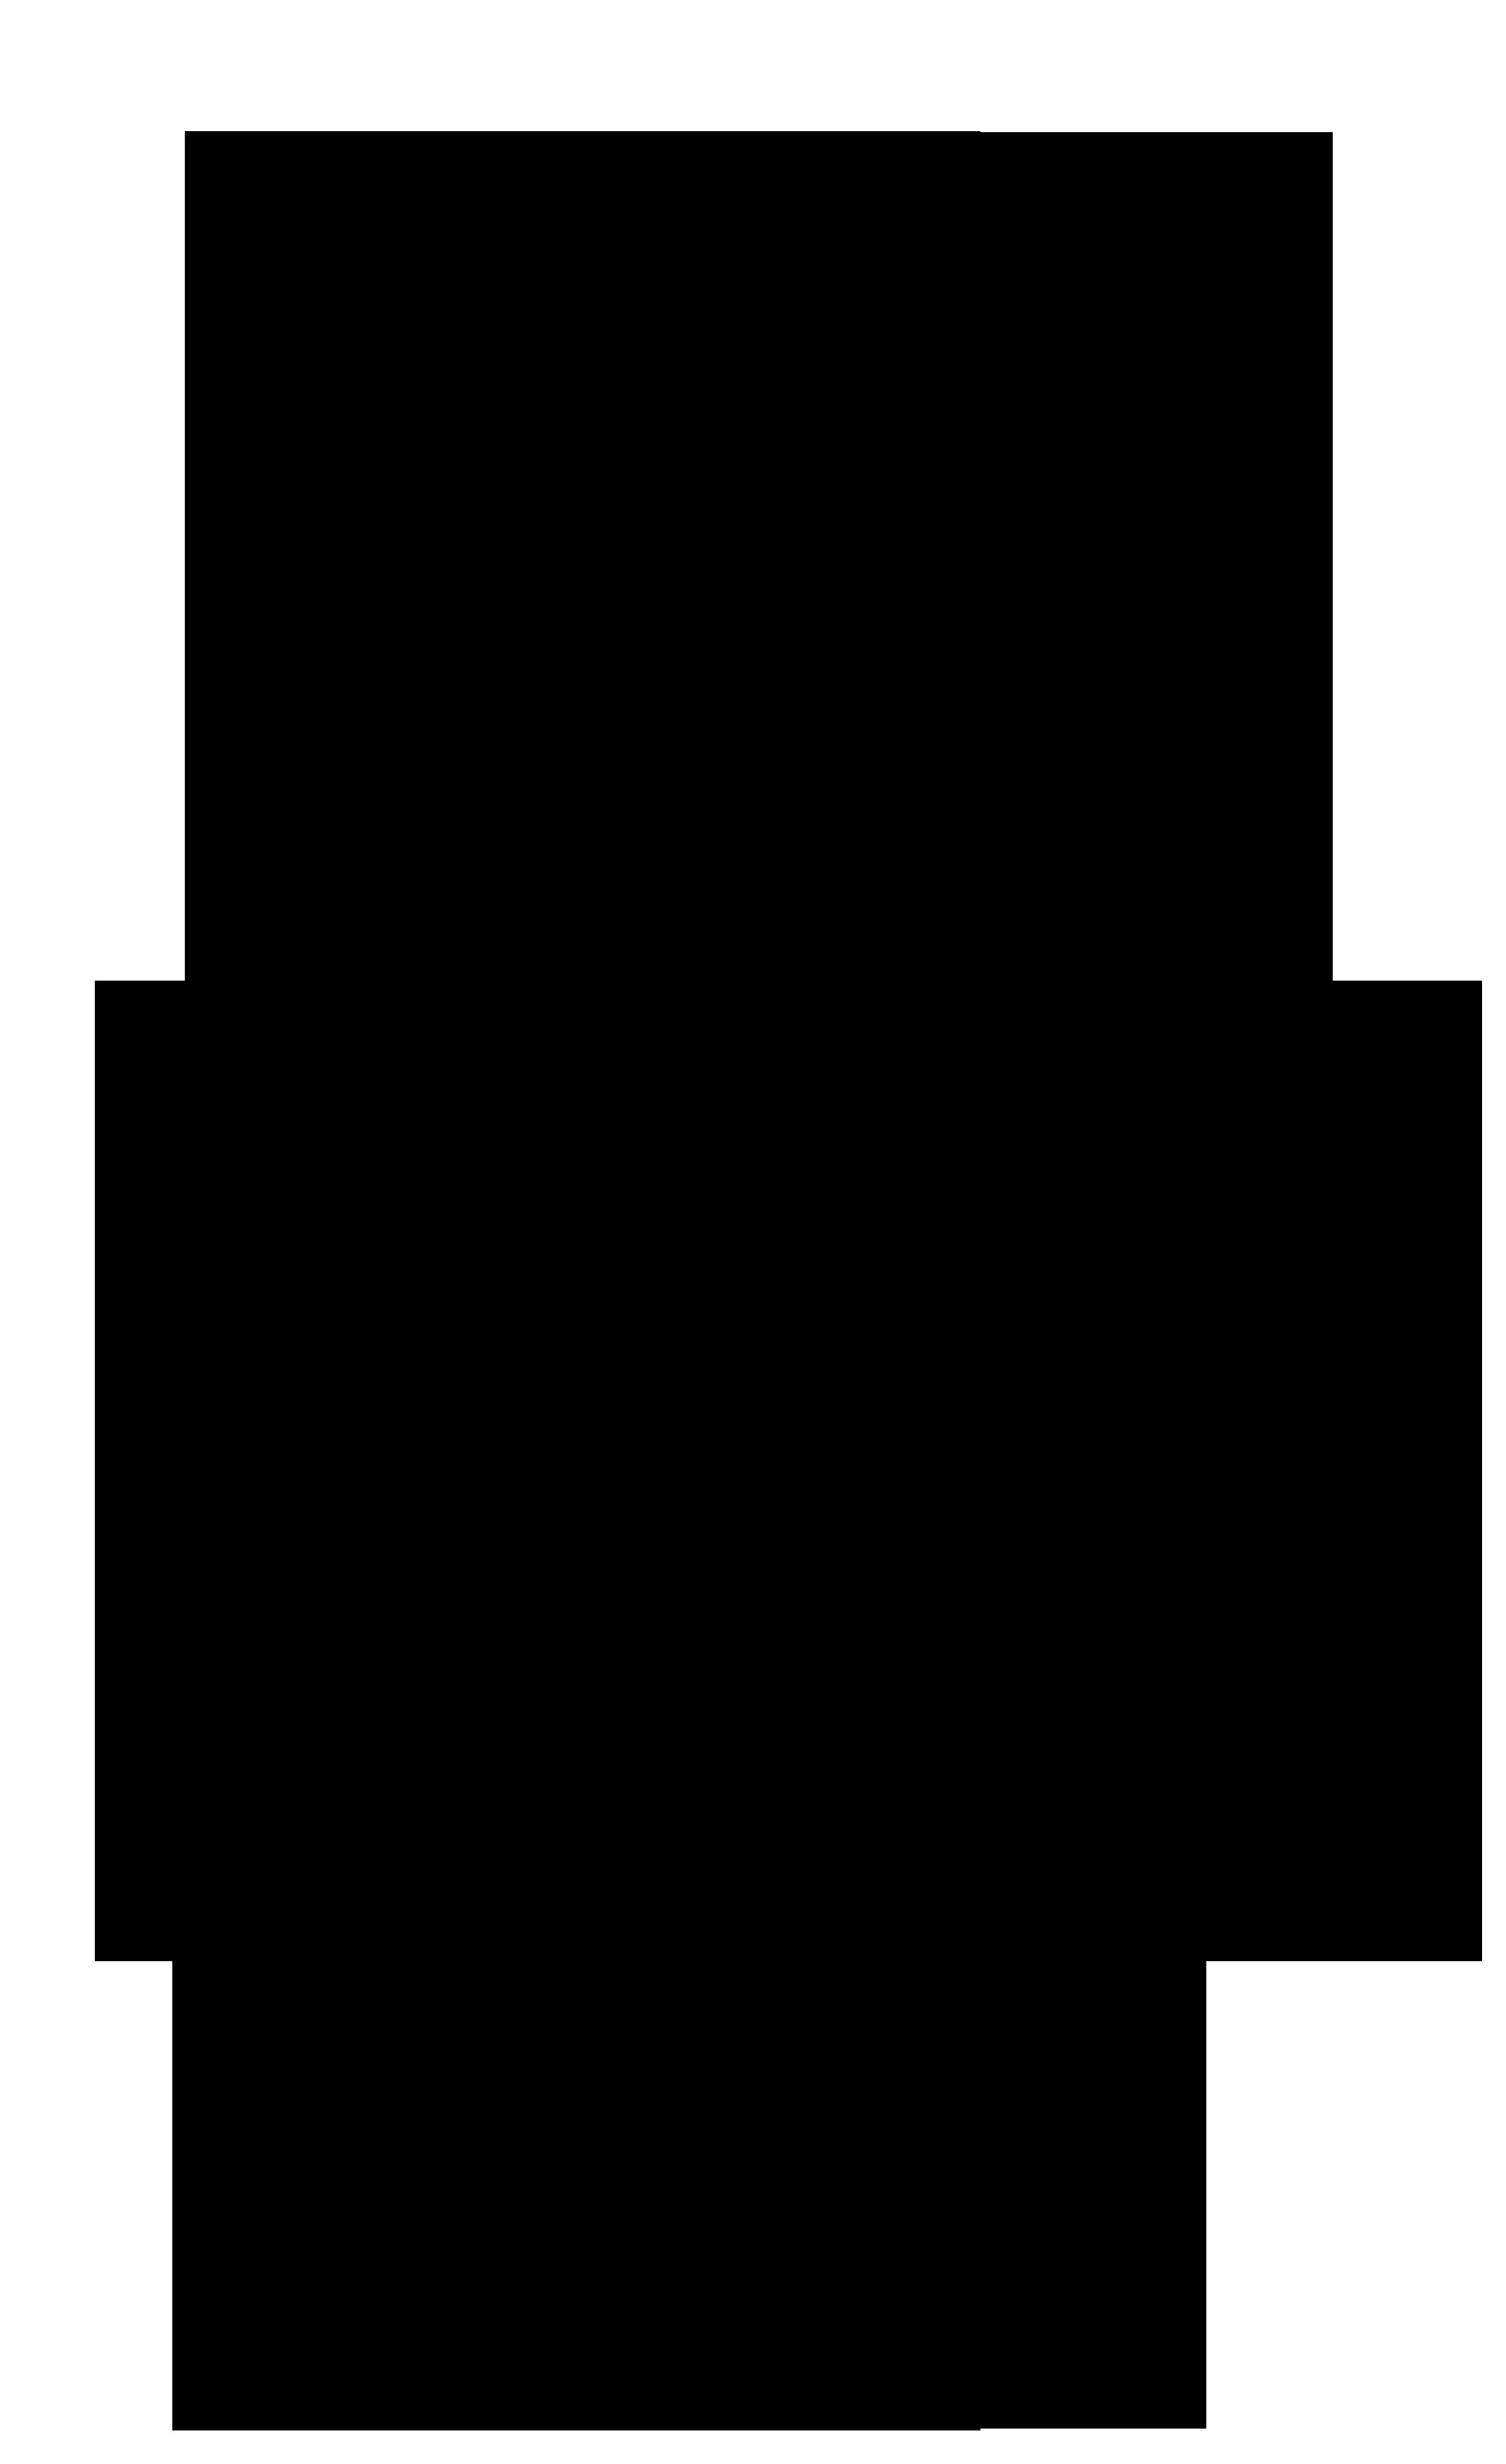 פרט 1